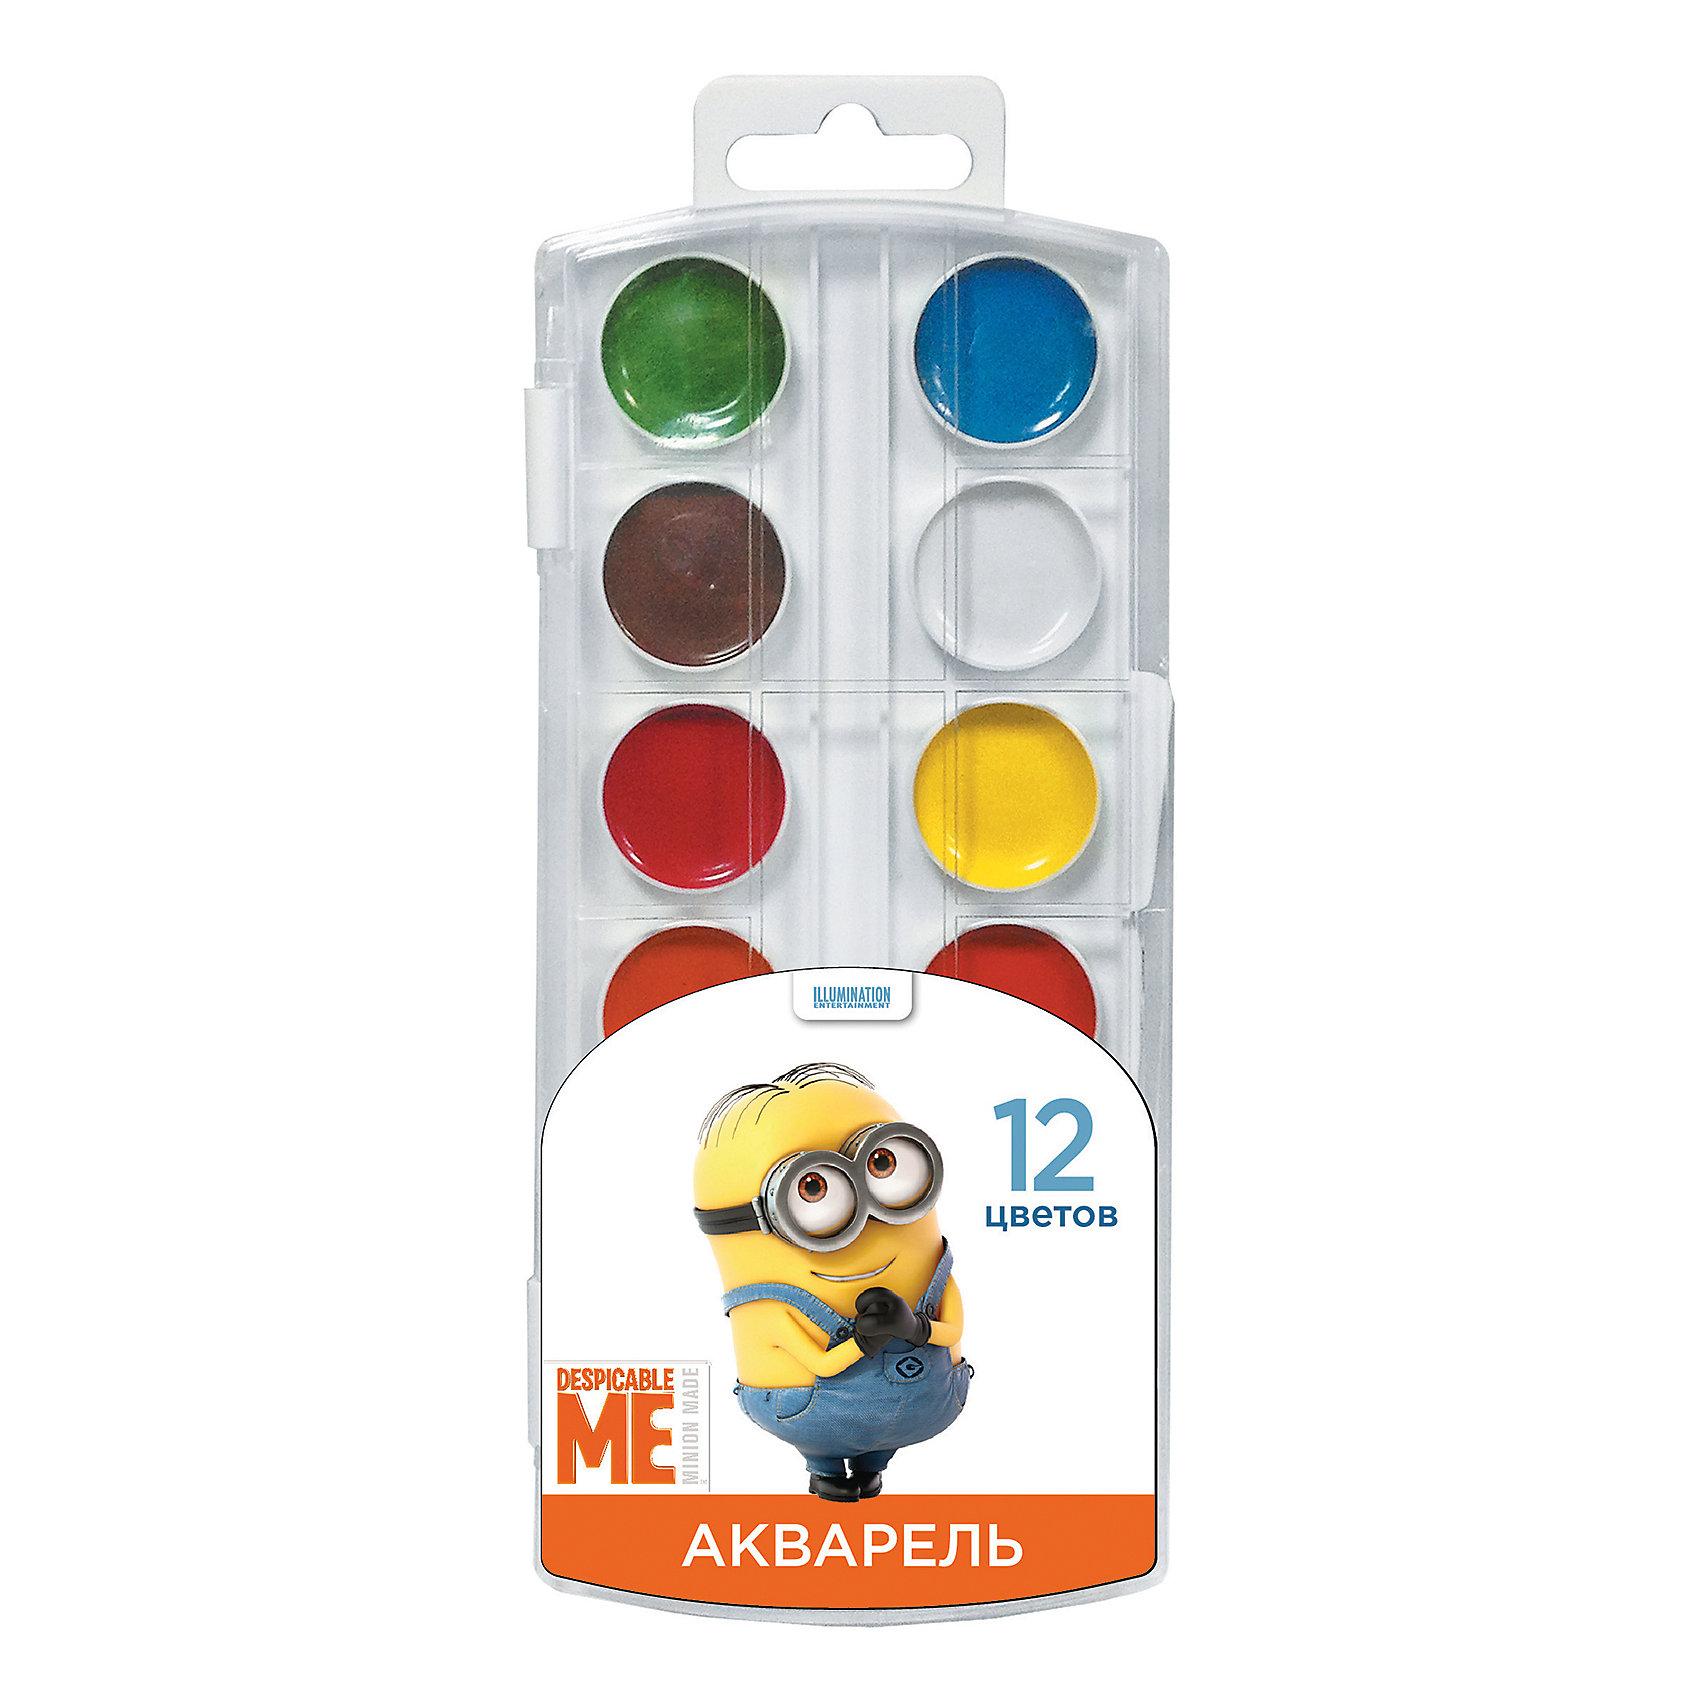 Акварель, 12 цветов, МиньоныАкварель<br>Характеристики:<br><br>• количество цветов: 12<br>• цвета: белый, желтый, оранжевый, красный, розовый, голубой, синий, светло-зеленый, темно-зеленый, светло-коричневый, коричневый, черный<br>• состав: вода питьевая, декстрин, глицерин, сахар, органические и неорганические тонкодисперсные пигменты, консервант, наполнитель<br>• упаковка: пластмассовый пенал с прозрачной крышкой<br>• размер упаковки: 8,5х19,7х1,2 см.<br>• вес: 70 гр.<br>• товар сертифицирован<br>• срок годности не ограничен<br><br>В наборе акварельных красок «Миньоны» 12 насыщенных цветов, которые помогут ребенку создать множество ярких картинок. Краски идеально подходят для рисования: они хорошо размываются водой, легко наносятся на поверхность, быстро сохнут, безопасны при использовании по назначению.<br><br>Акварель, 12 цветов, Миньоны можно купить в нашем интернет-магазине.<br><br>Ширина мм: 83<br>Глубина мм: 10<br>Высота мм: 195<br>Вес г: 70<br>Возраст от месяцев: 36<br>Возраст до месяцев: 2147483647<br>Пол: Унисекс<br>Возраст: Детский<br>SKU: 6963166